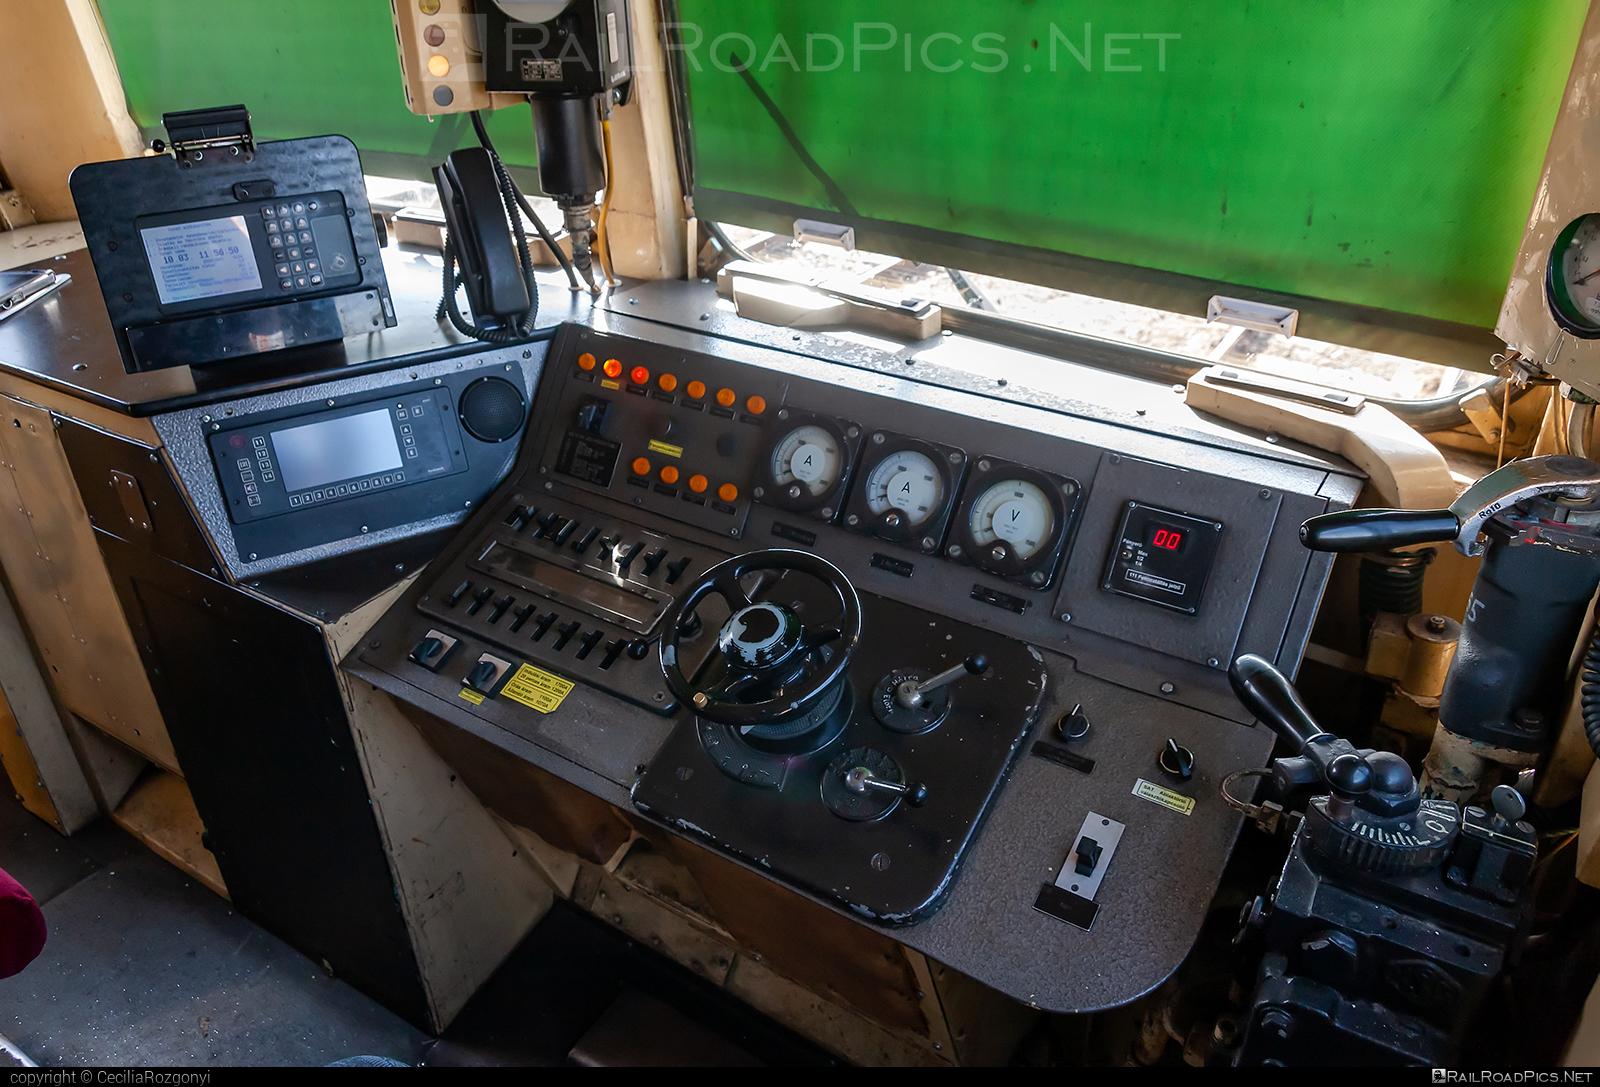 Ganz-MÁVAG VM14-17 - 431 225 operated by MÁV-START ZRt. #ganz43 #ganz431 #ganzmavag #ganzmavag43 #ganzmavag431 #ganzmavagvm1417 #mavstart #mavstartzrt #v43locomotive